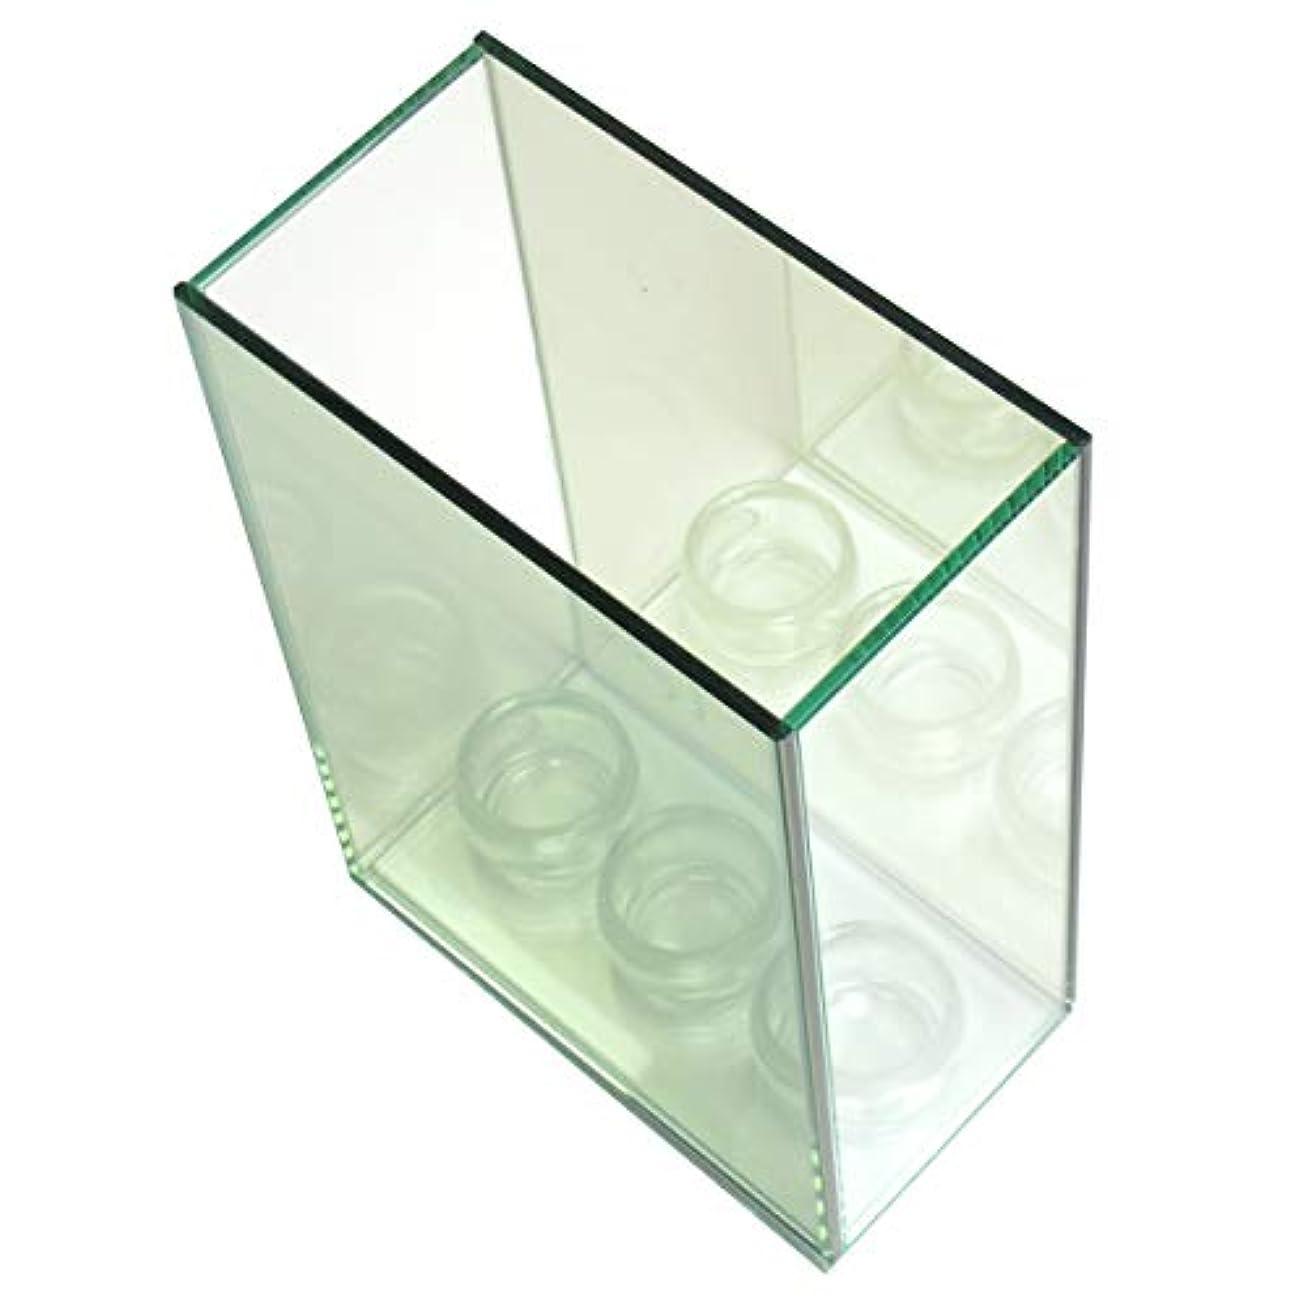 晴れ研磨剤紳士無限連鎖キャンドルホルダー 3連 ガラス キャンドルスタンド ランタン 誕生日 ティーライトキャンドル